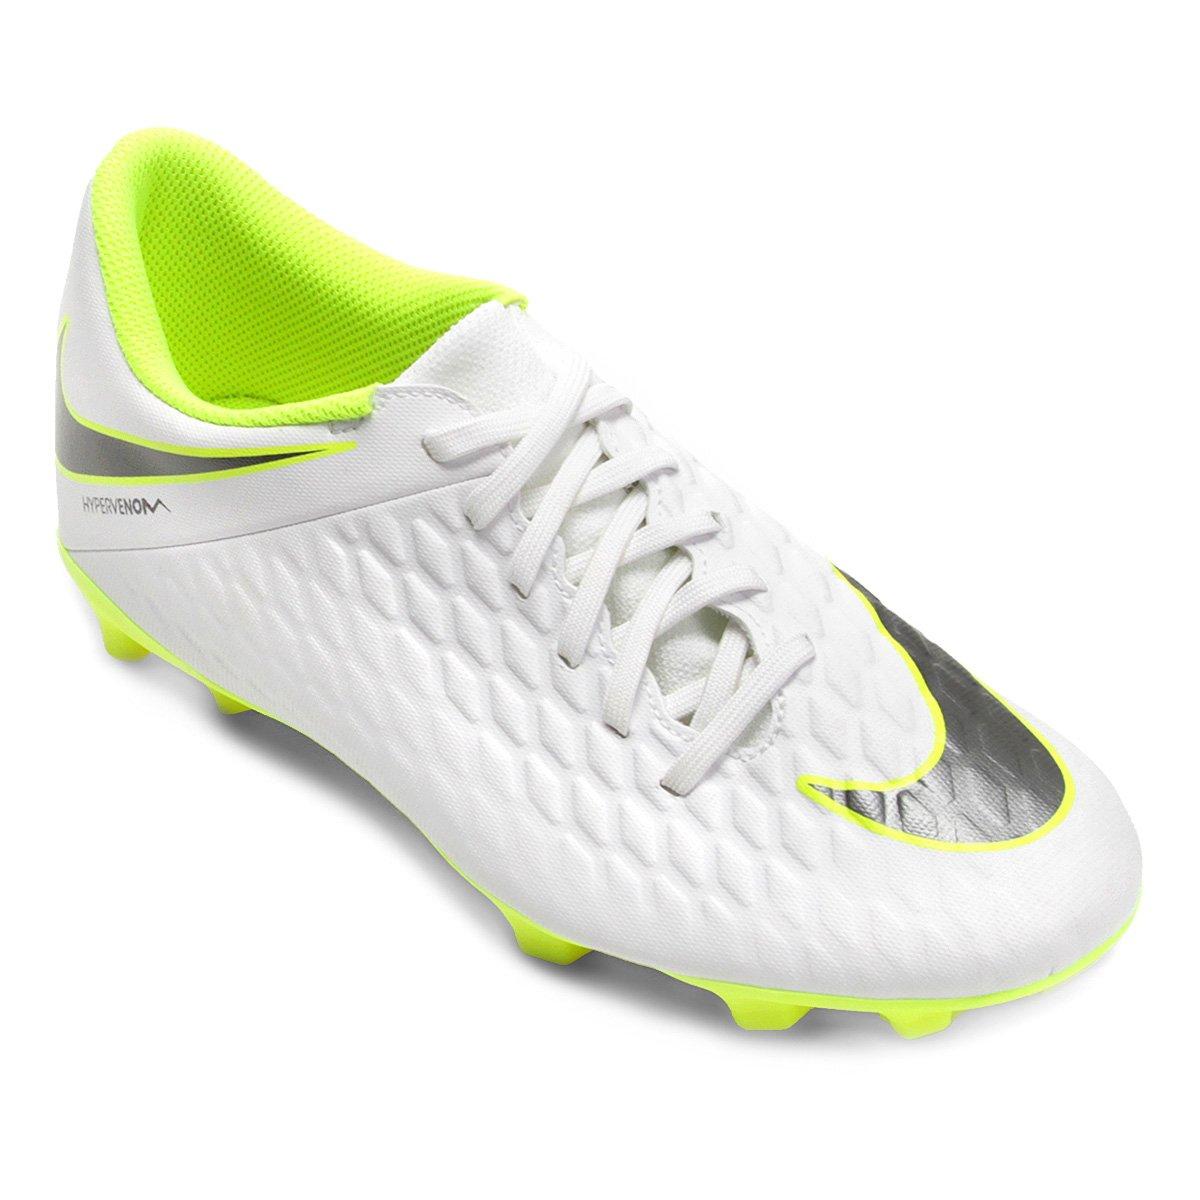 5cc62a8fbf Chuteira Campo Nike Hypervenom Phantom 3 Club FG - Compre Agora ...